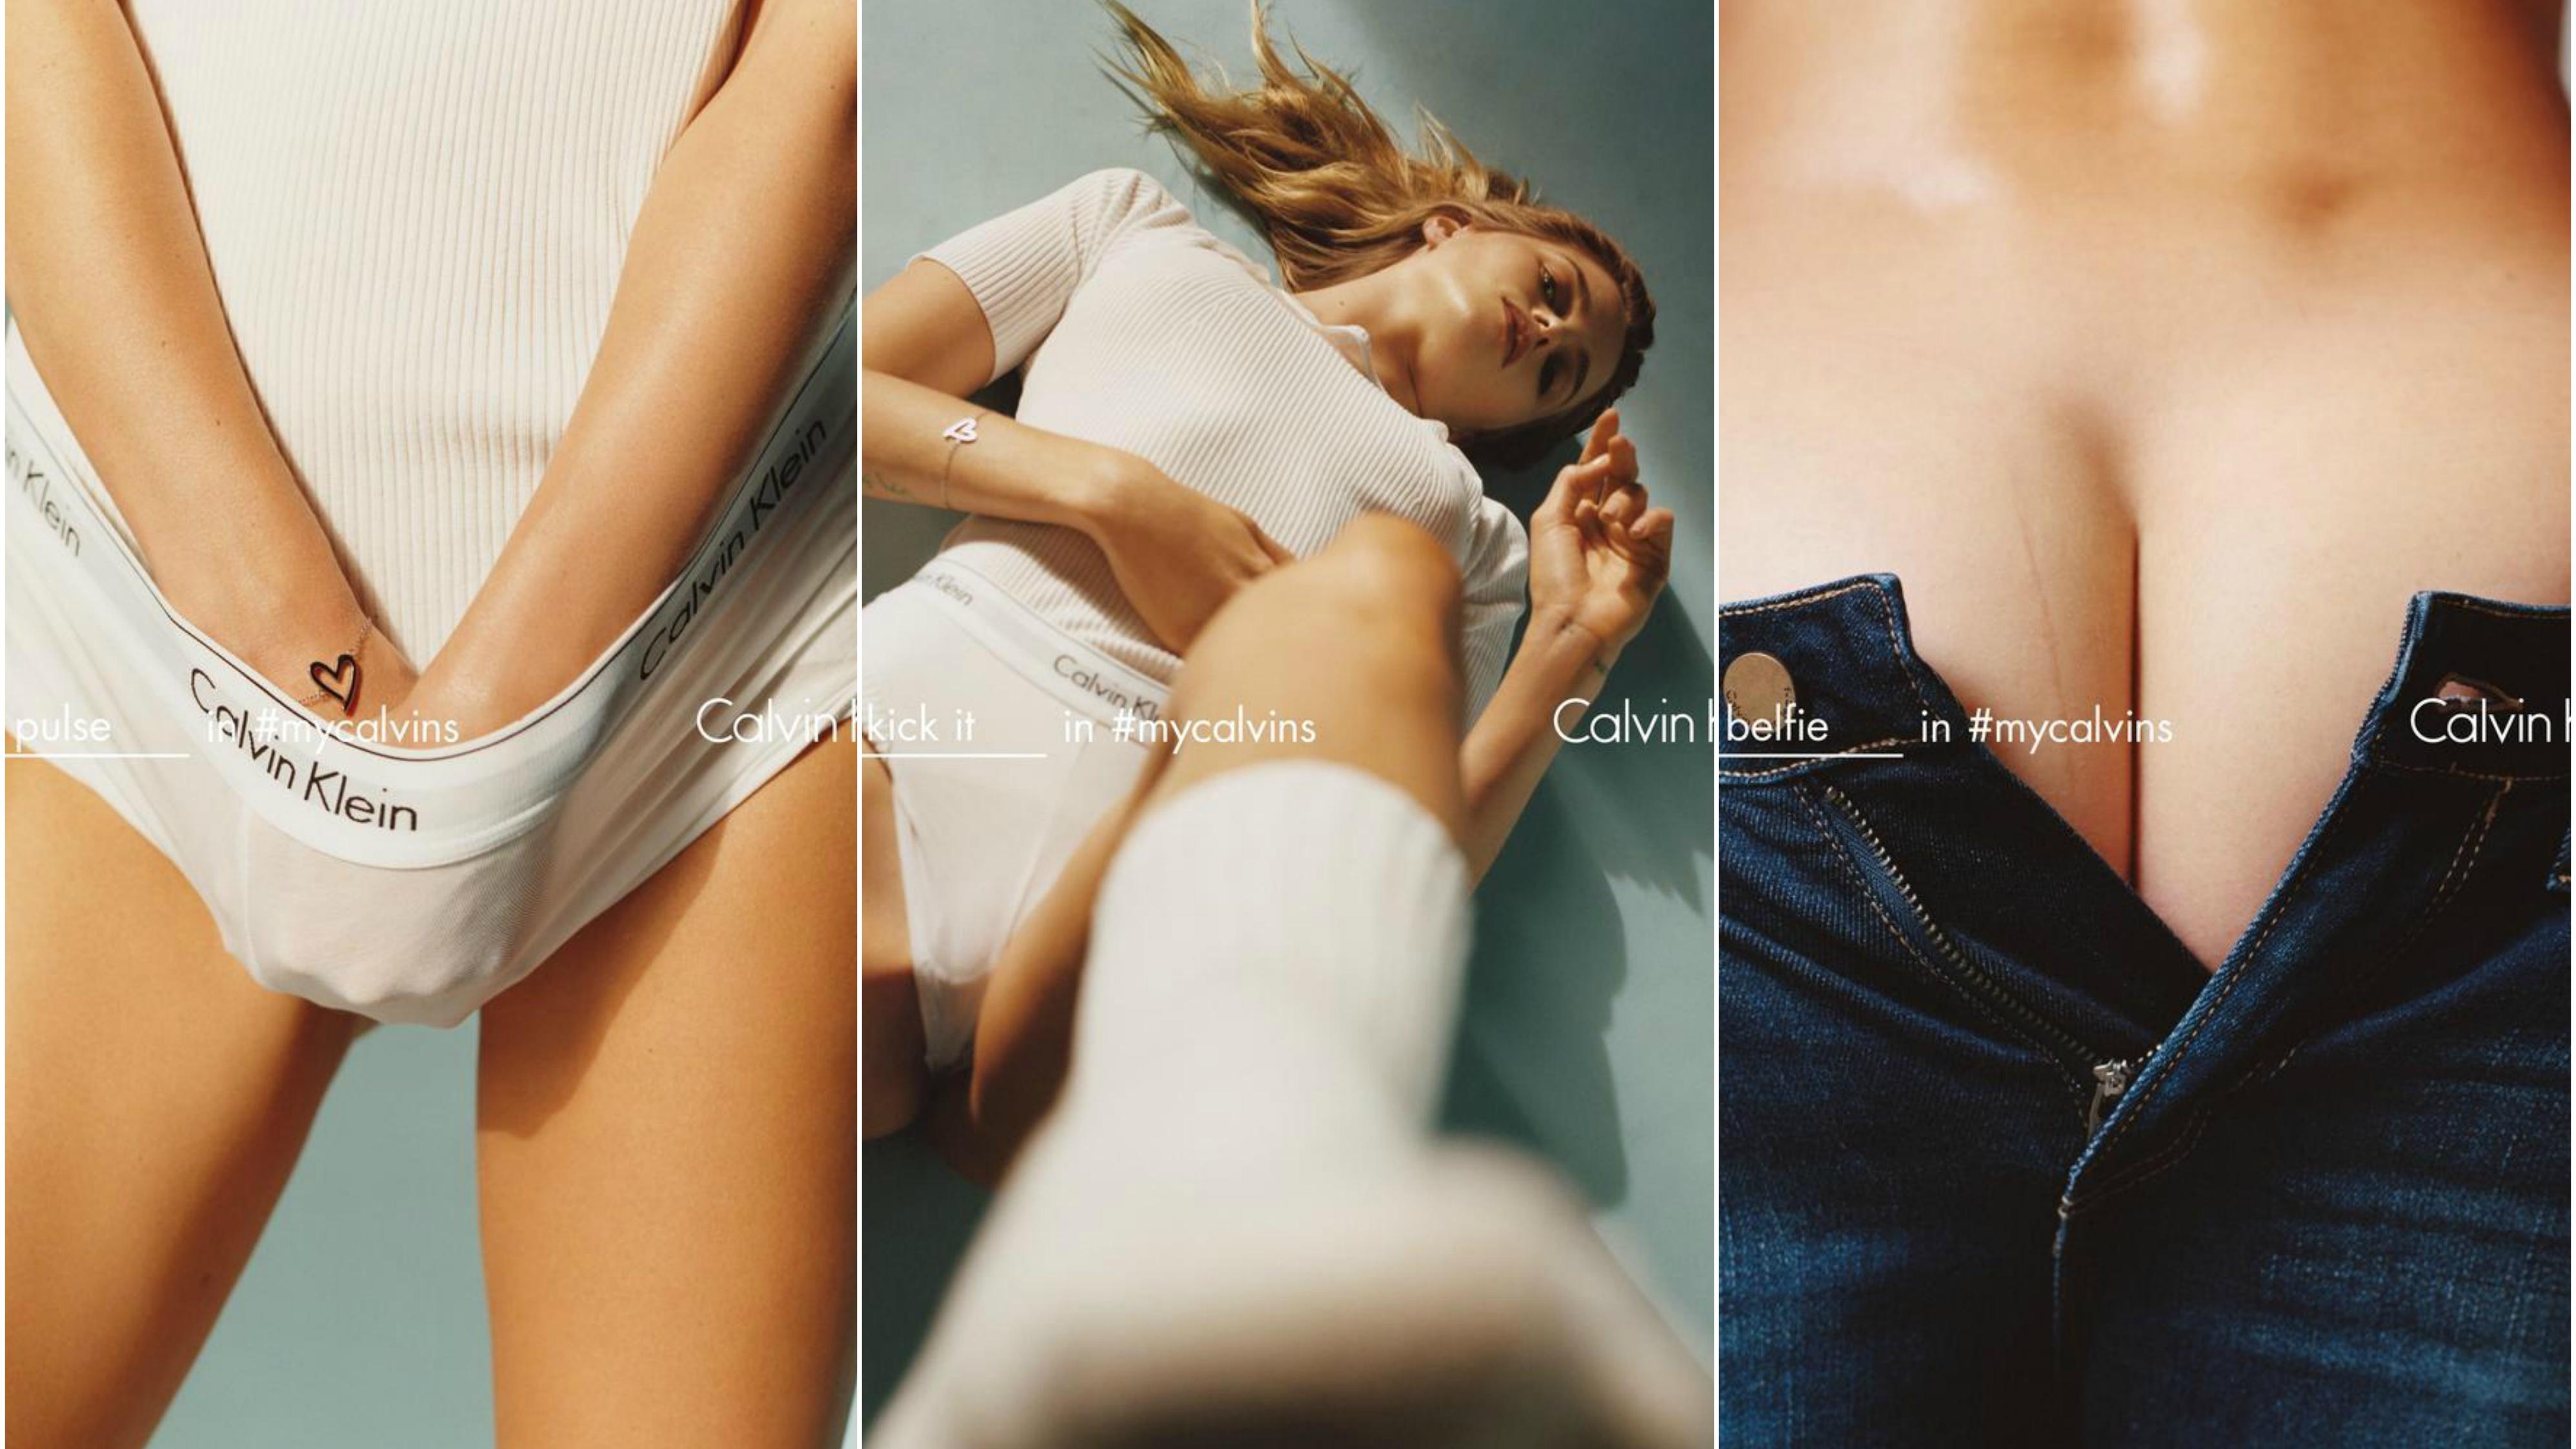 Calvin Klein's spring 2016 campaign